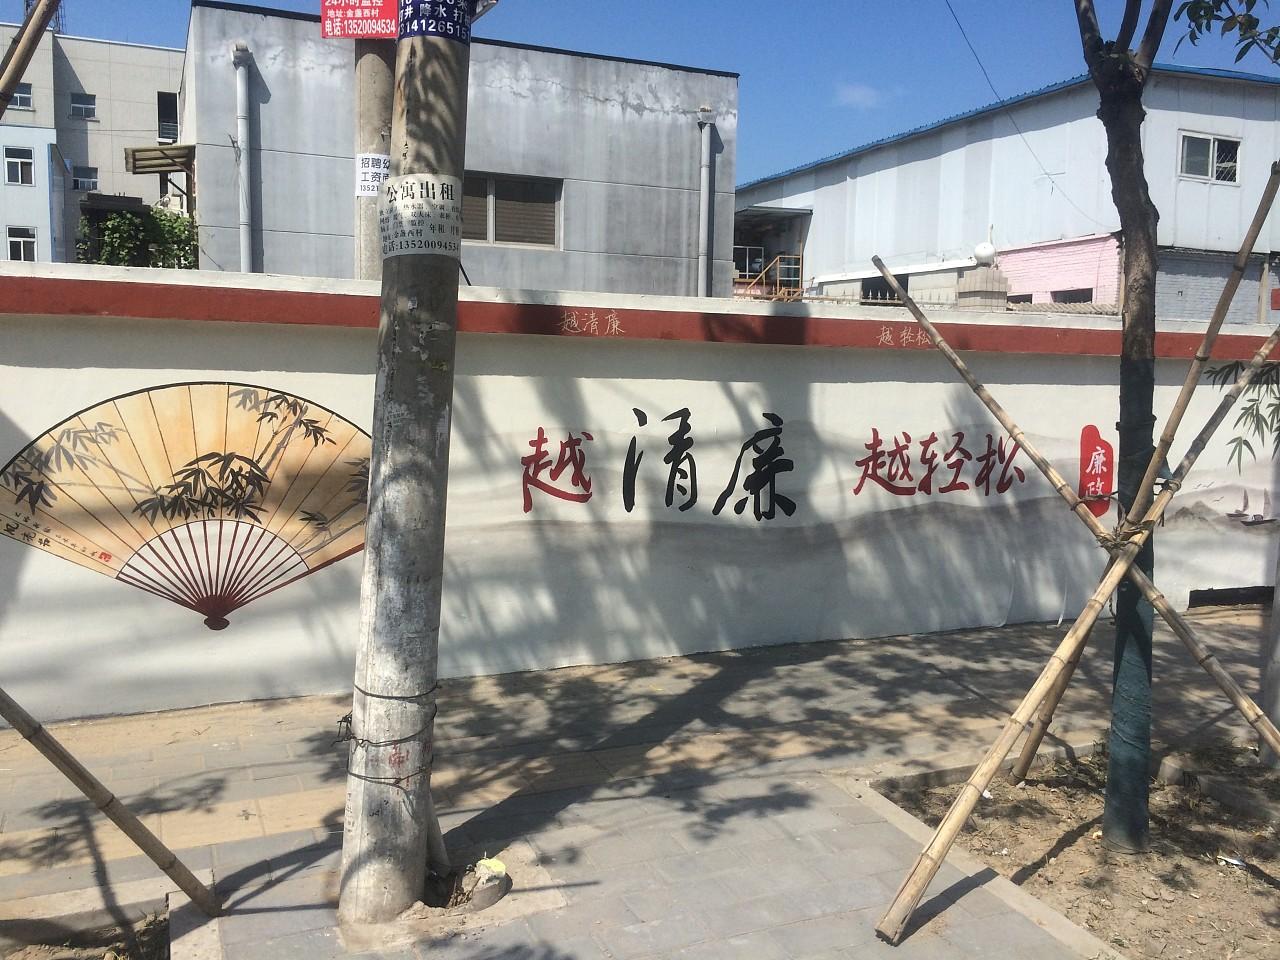 新中式墙绘的概念是模糊的